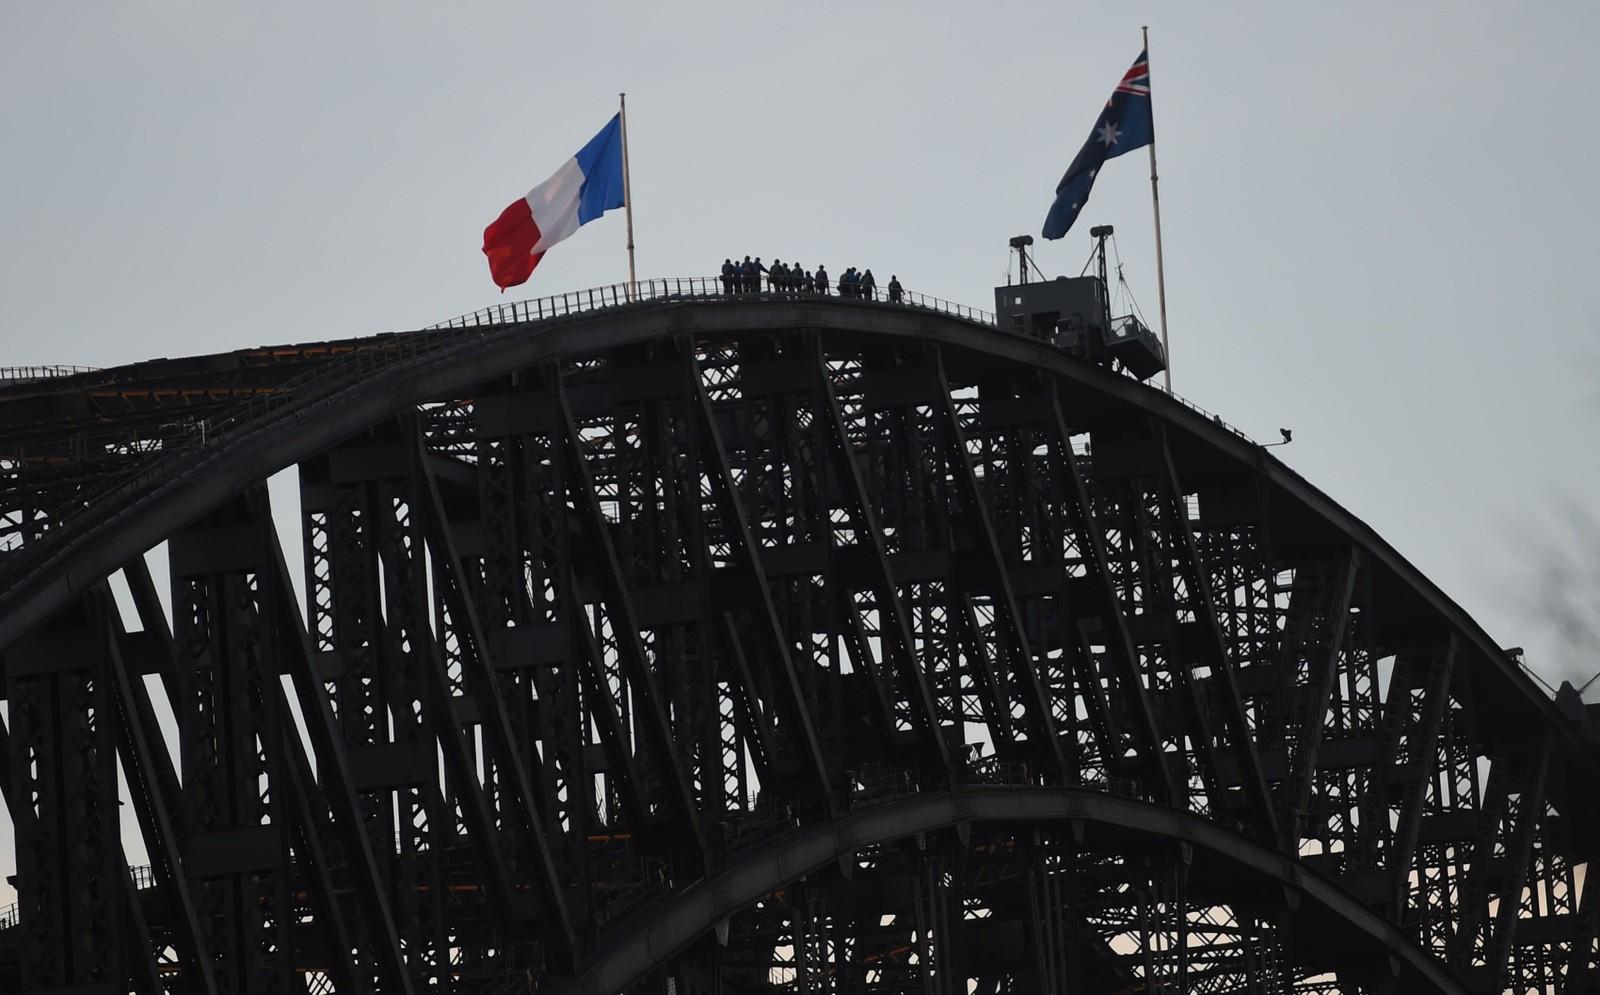 Sydney Harbour Bridge er pyntet med franske flagg for å vise sin støtte til Frankrike etter nok et terrorangrep.